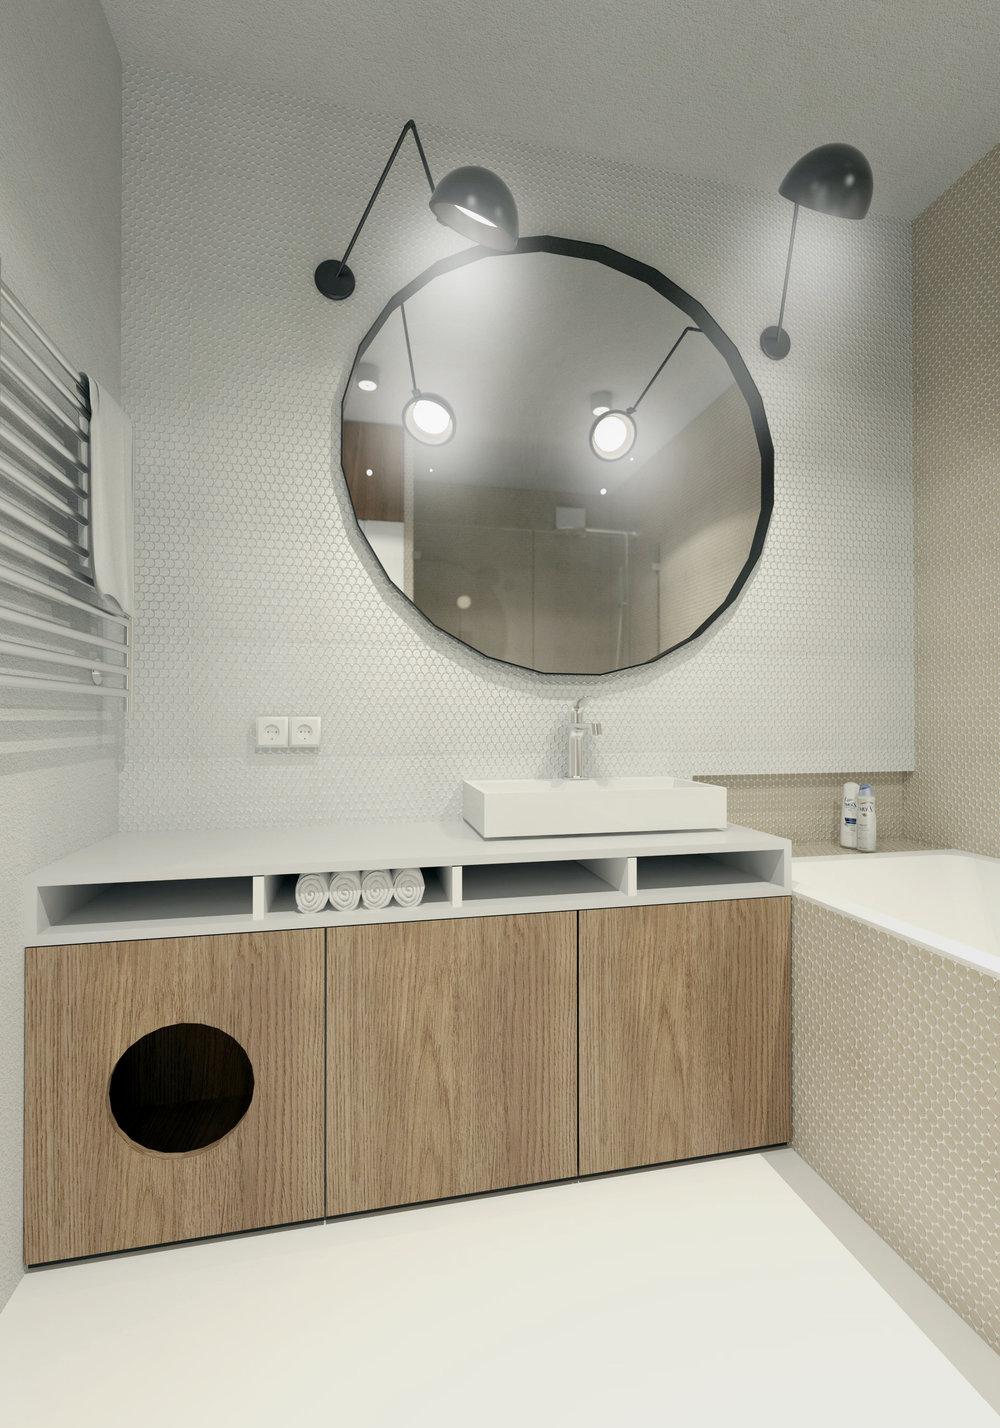 2-izbový byt_kúpelňa1.jpg